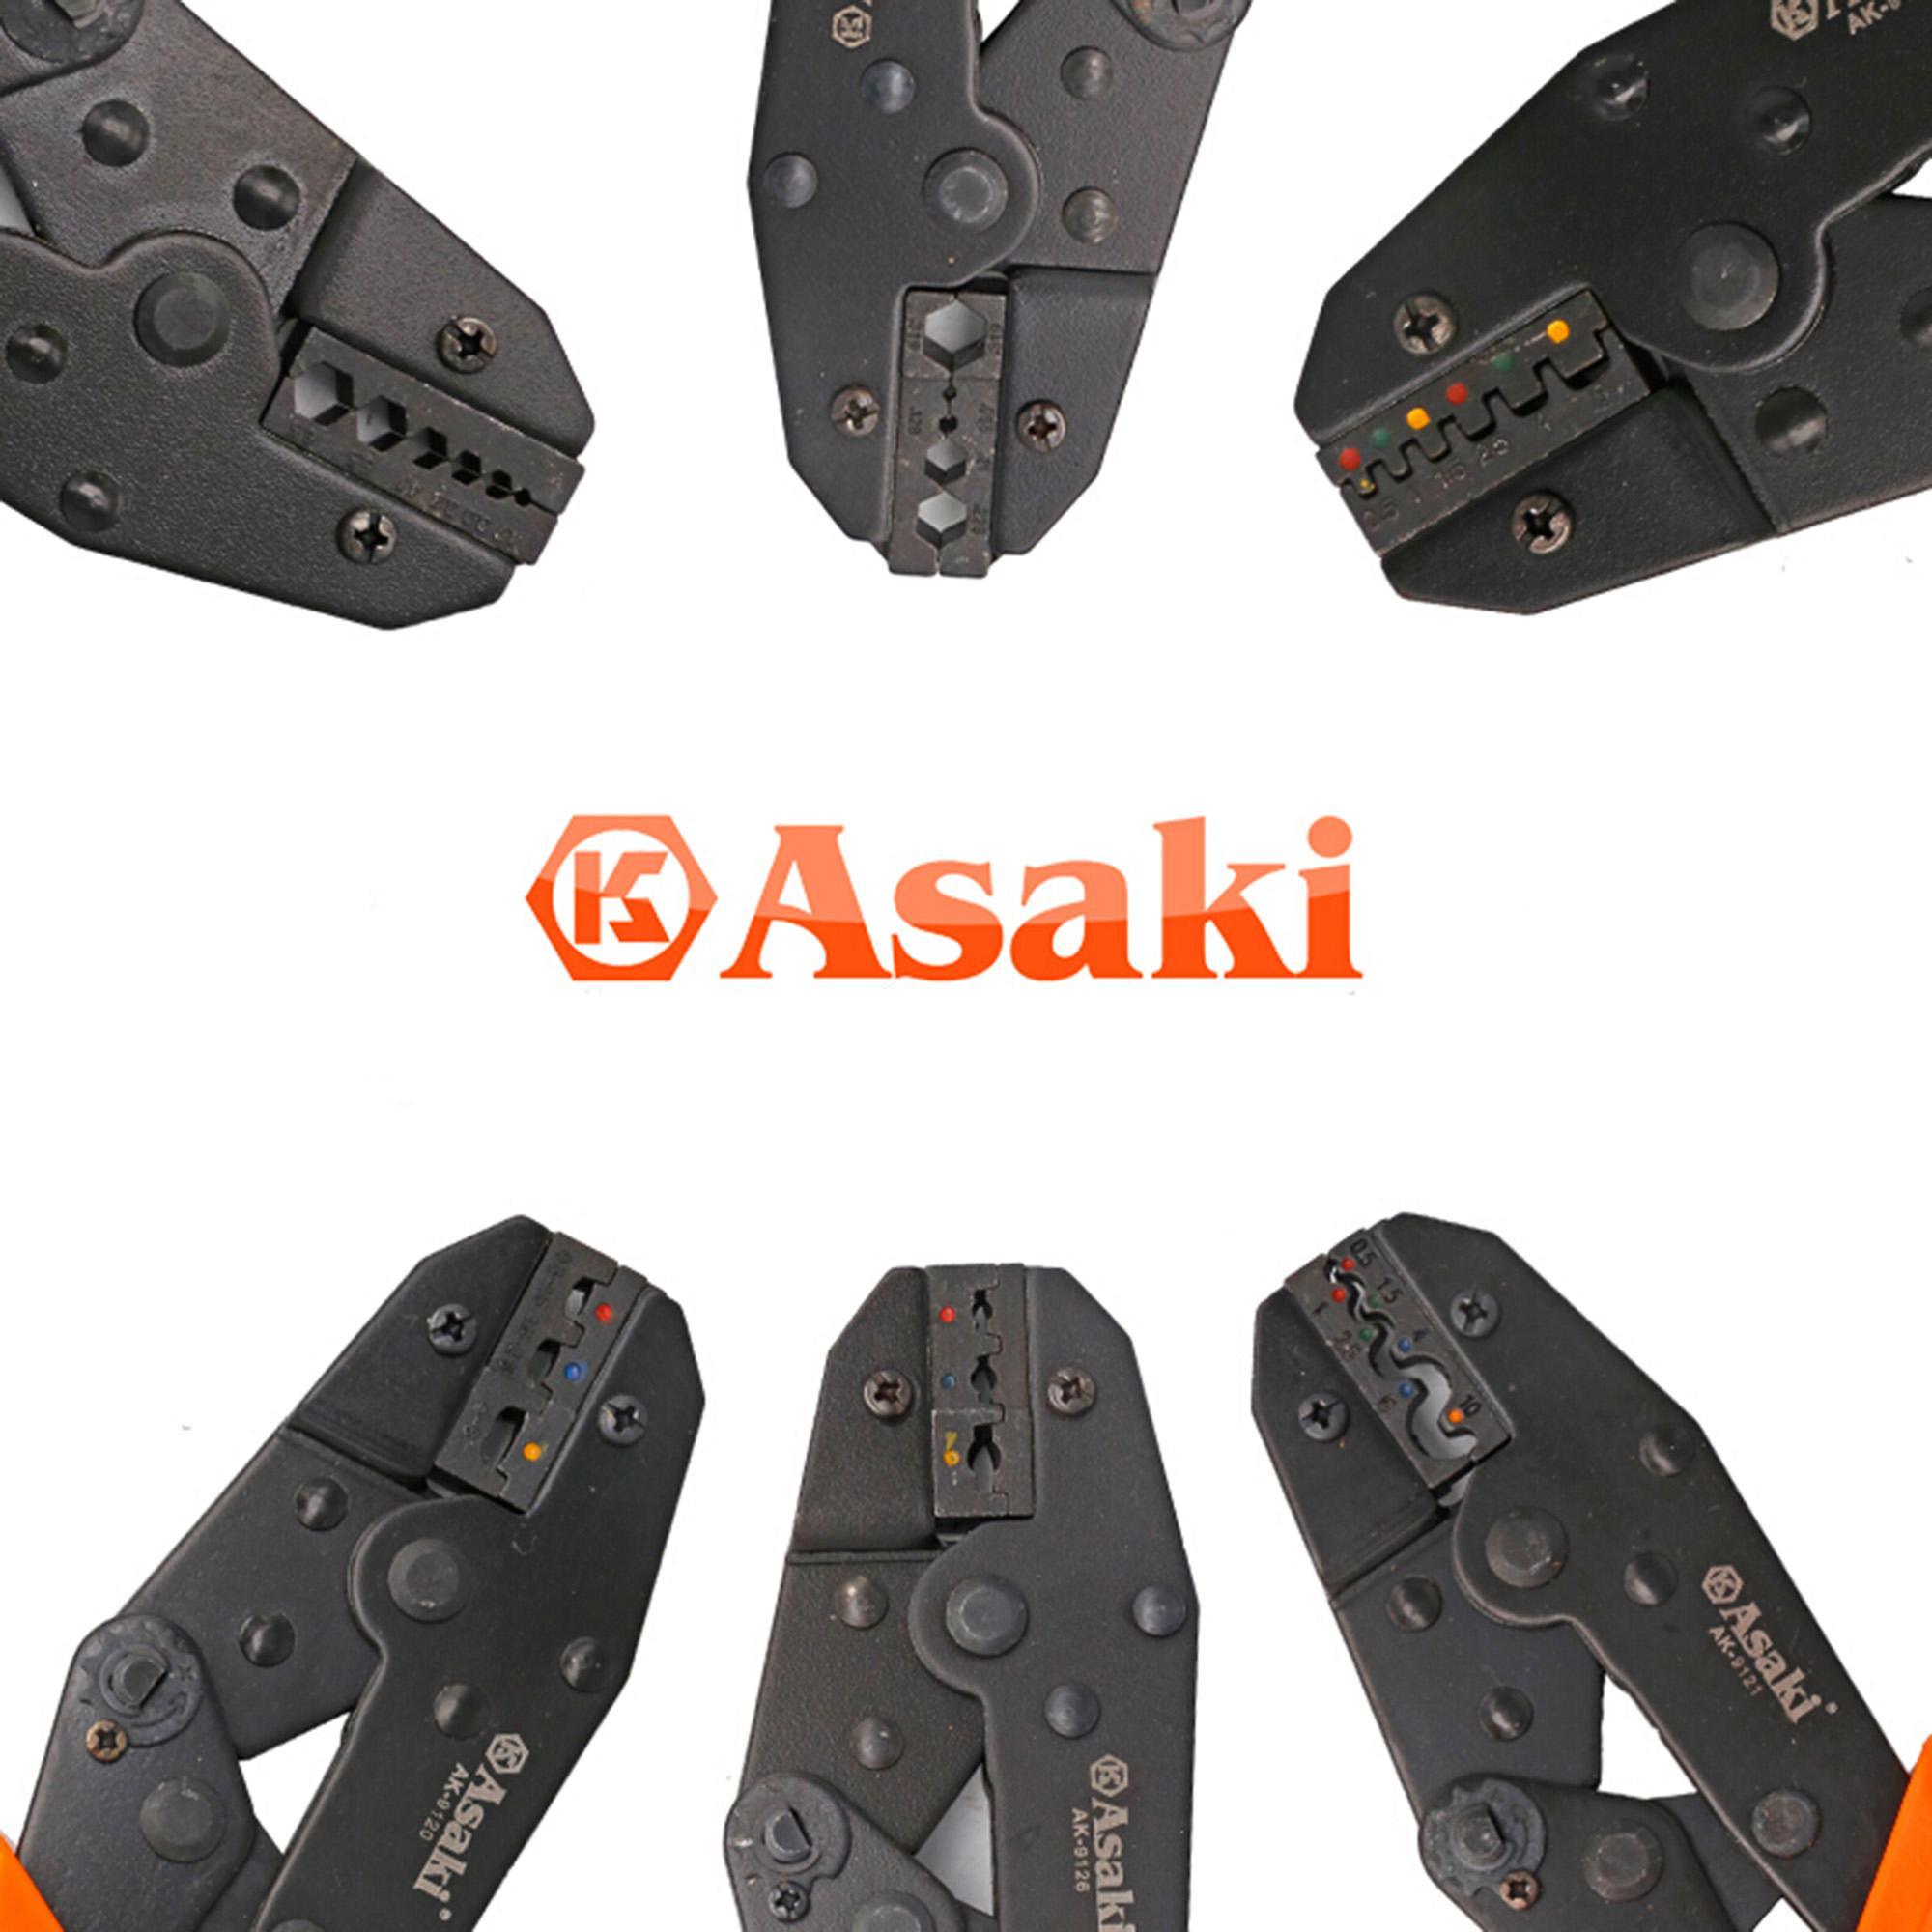 Tổng hợp các loại kìm bấm đầu cosse Asaki